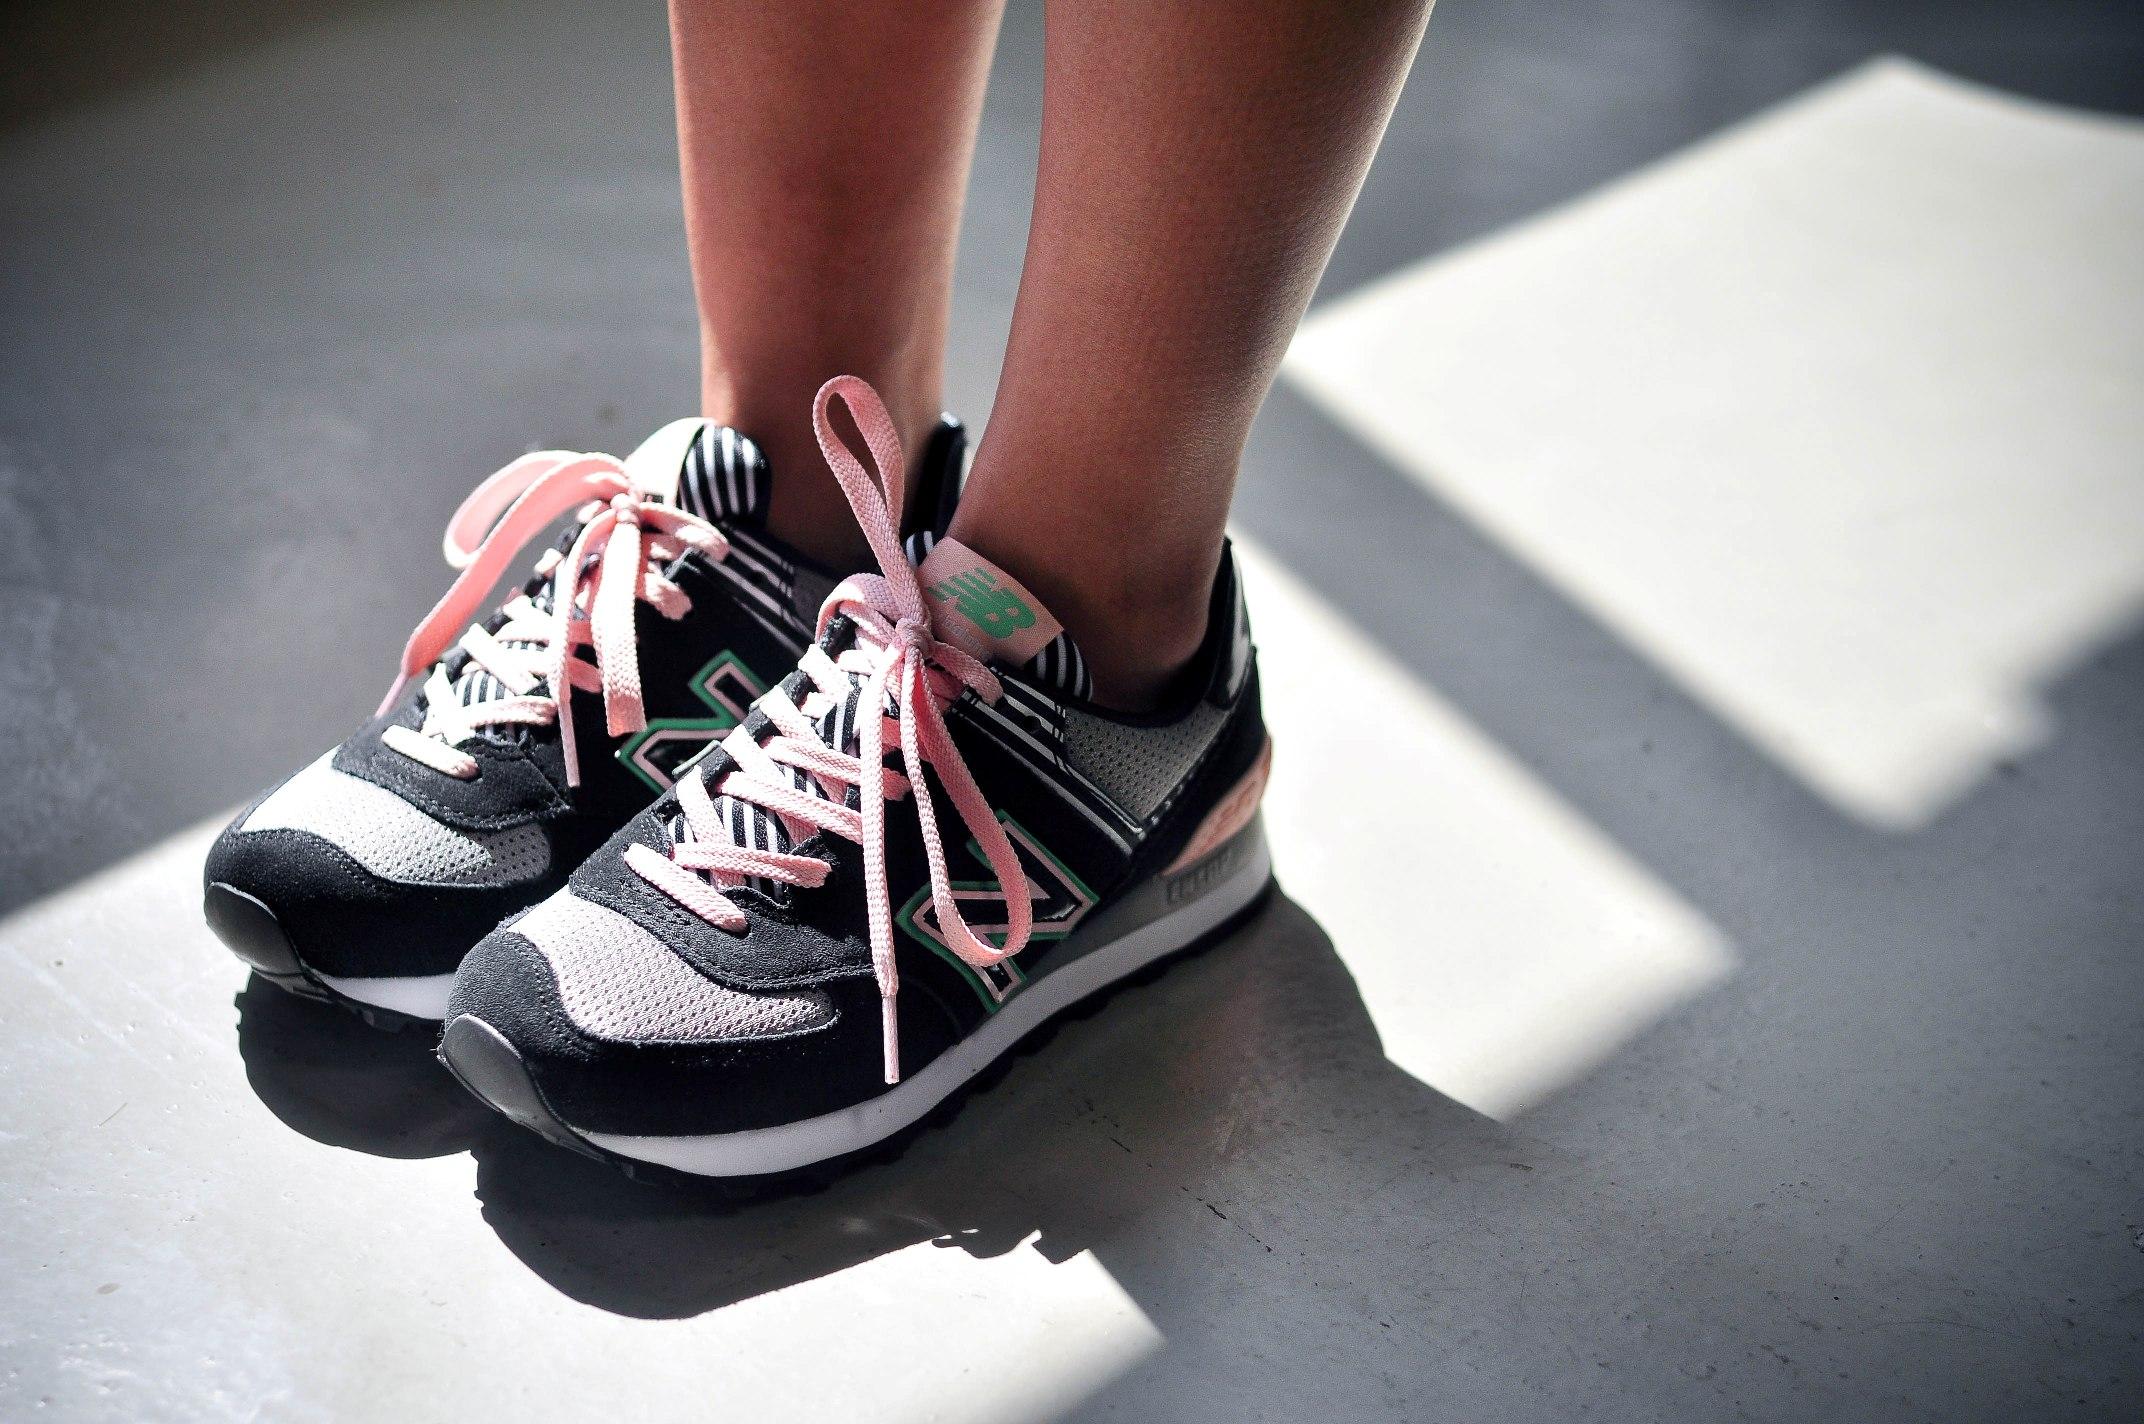 ニューバランスのスニーカー。この夏おしゃれに履くコツ、伝授しますのサムネイル画像